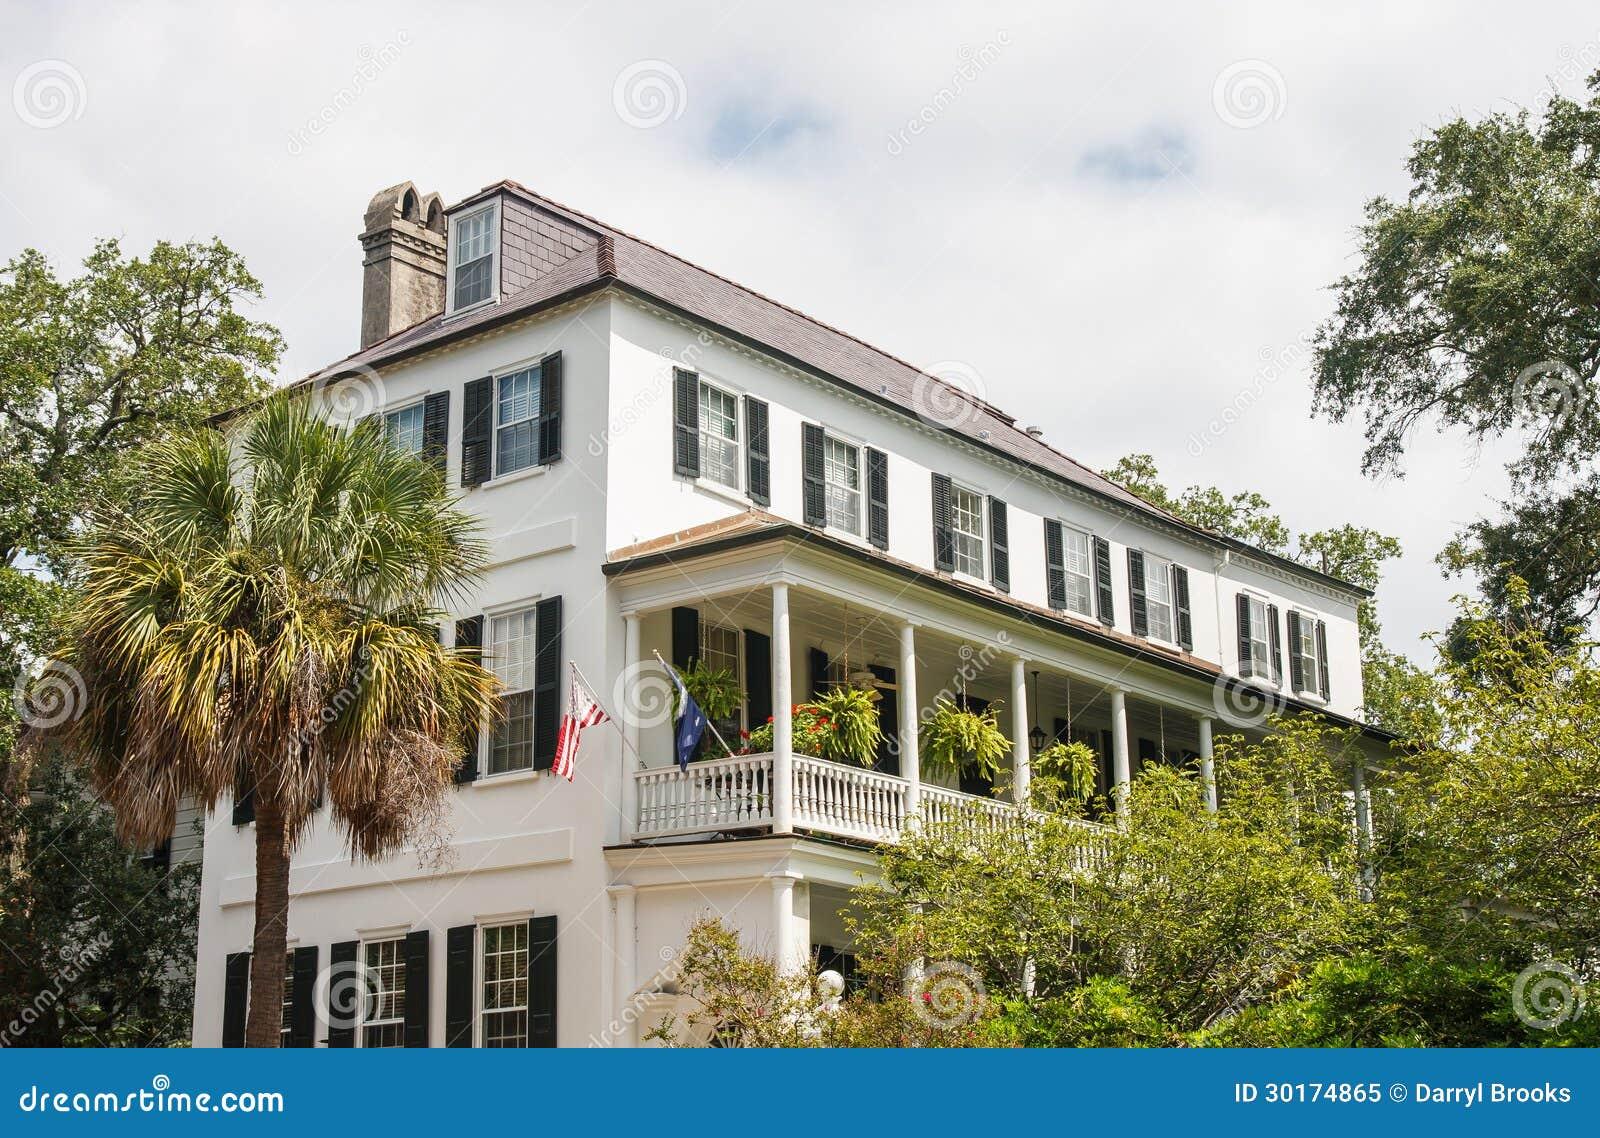 La casa bianca con la veranda sul secondo piano fotografia for La casa tradizionale progetta una storia